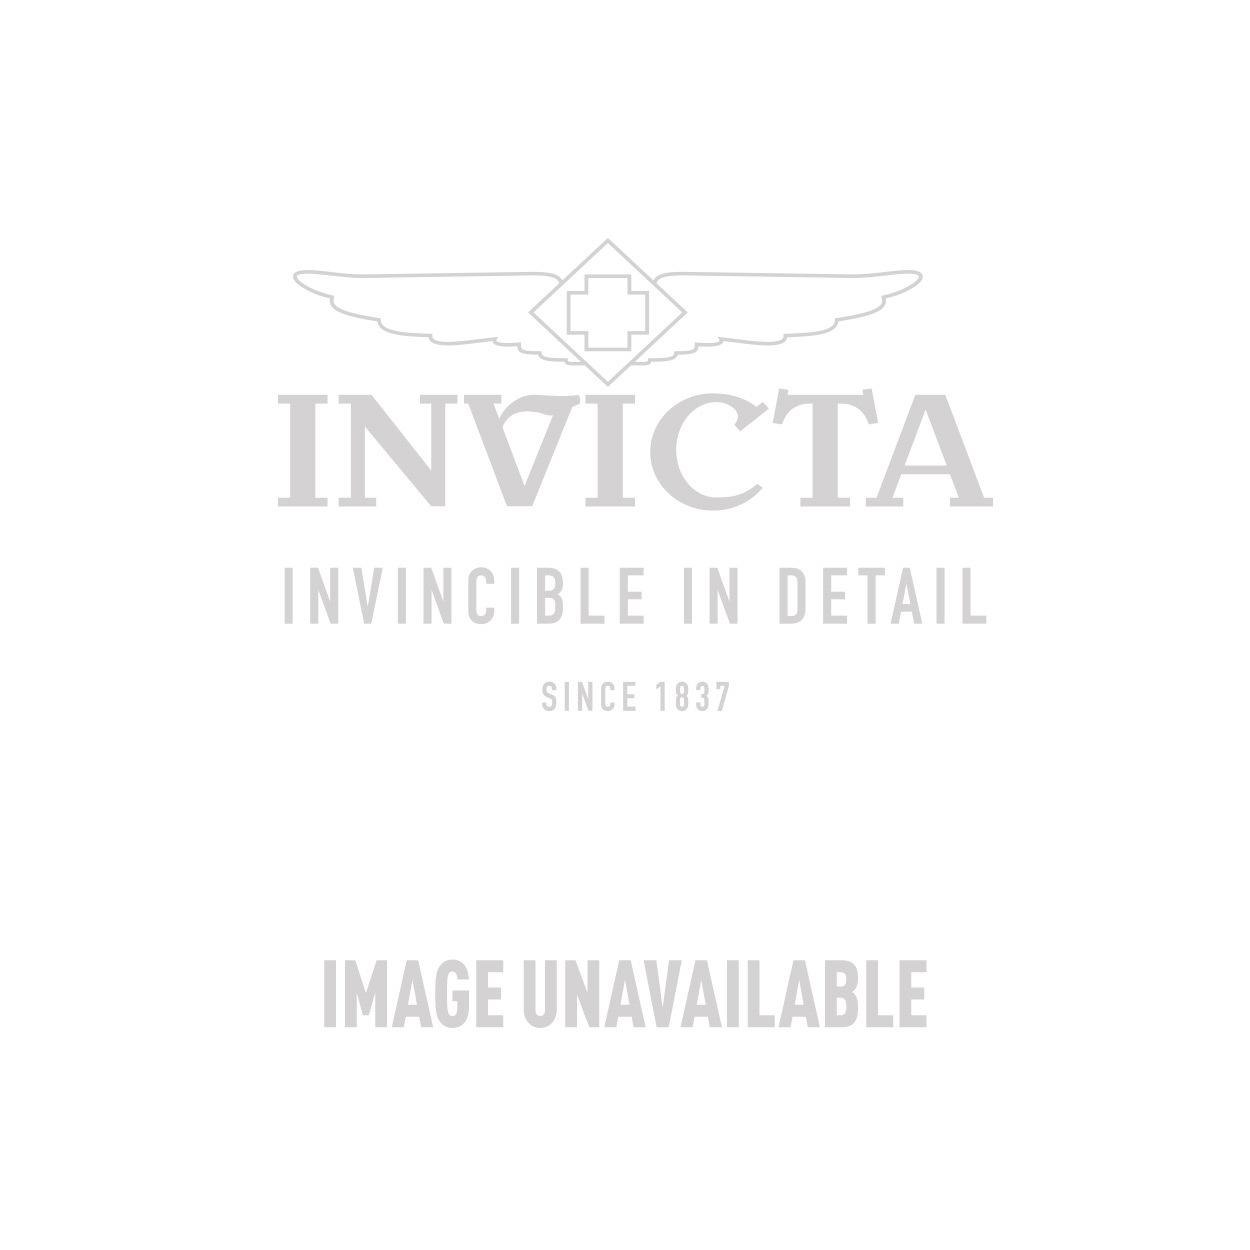 Invicta Model 27007